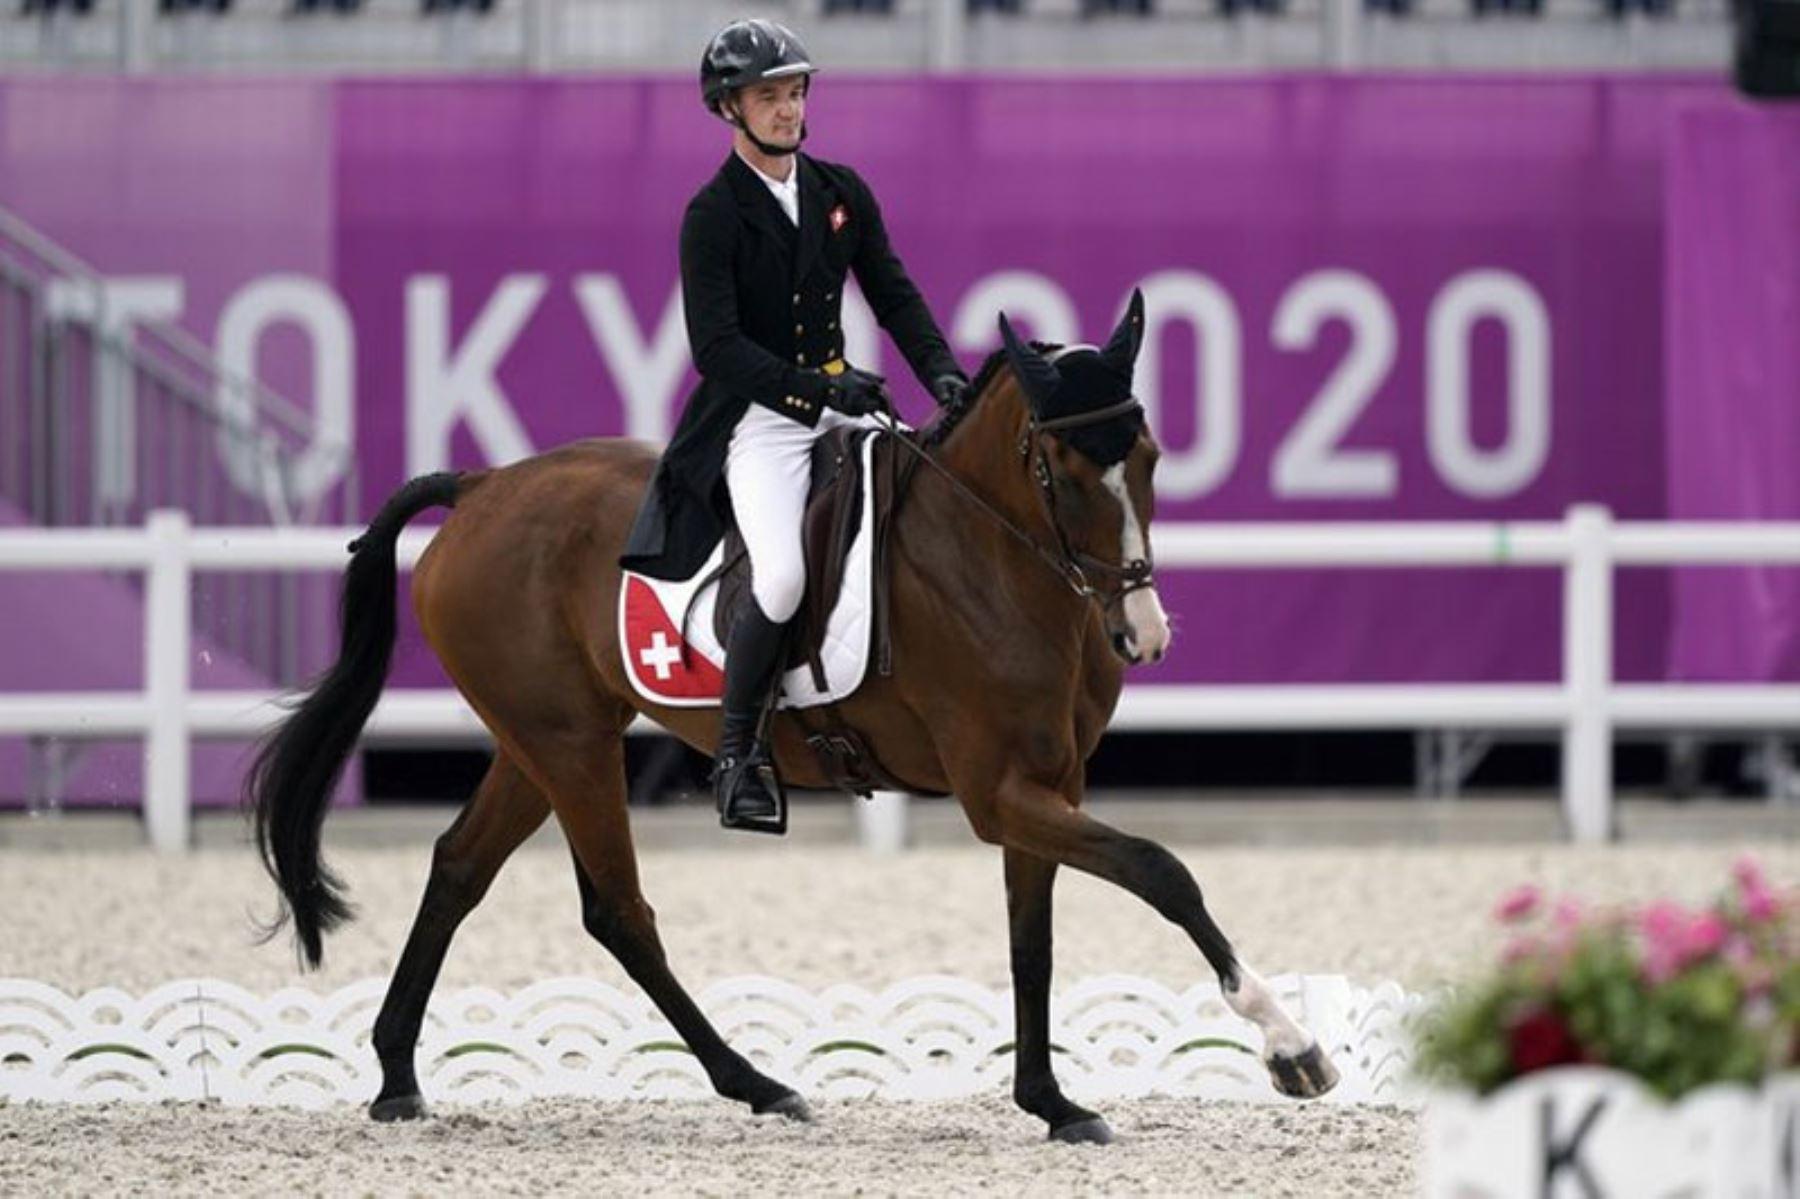 El caballo Jet Set tuvo que ser sacrificados tras grave lesión